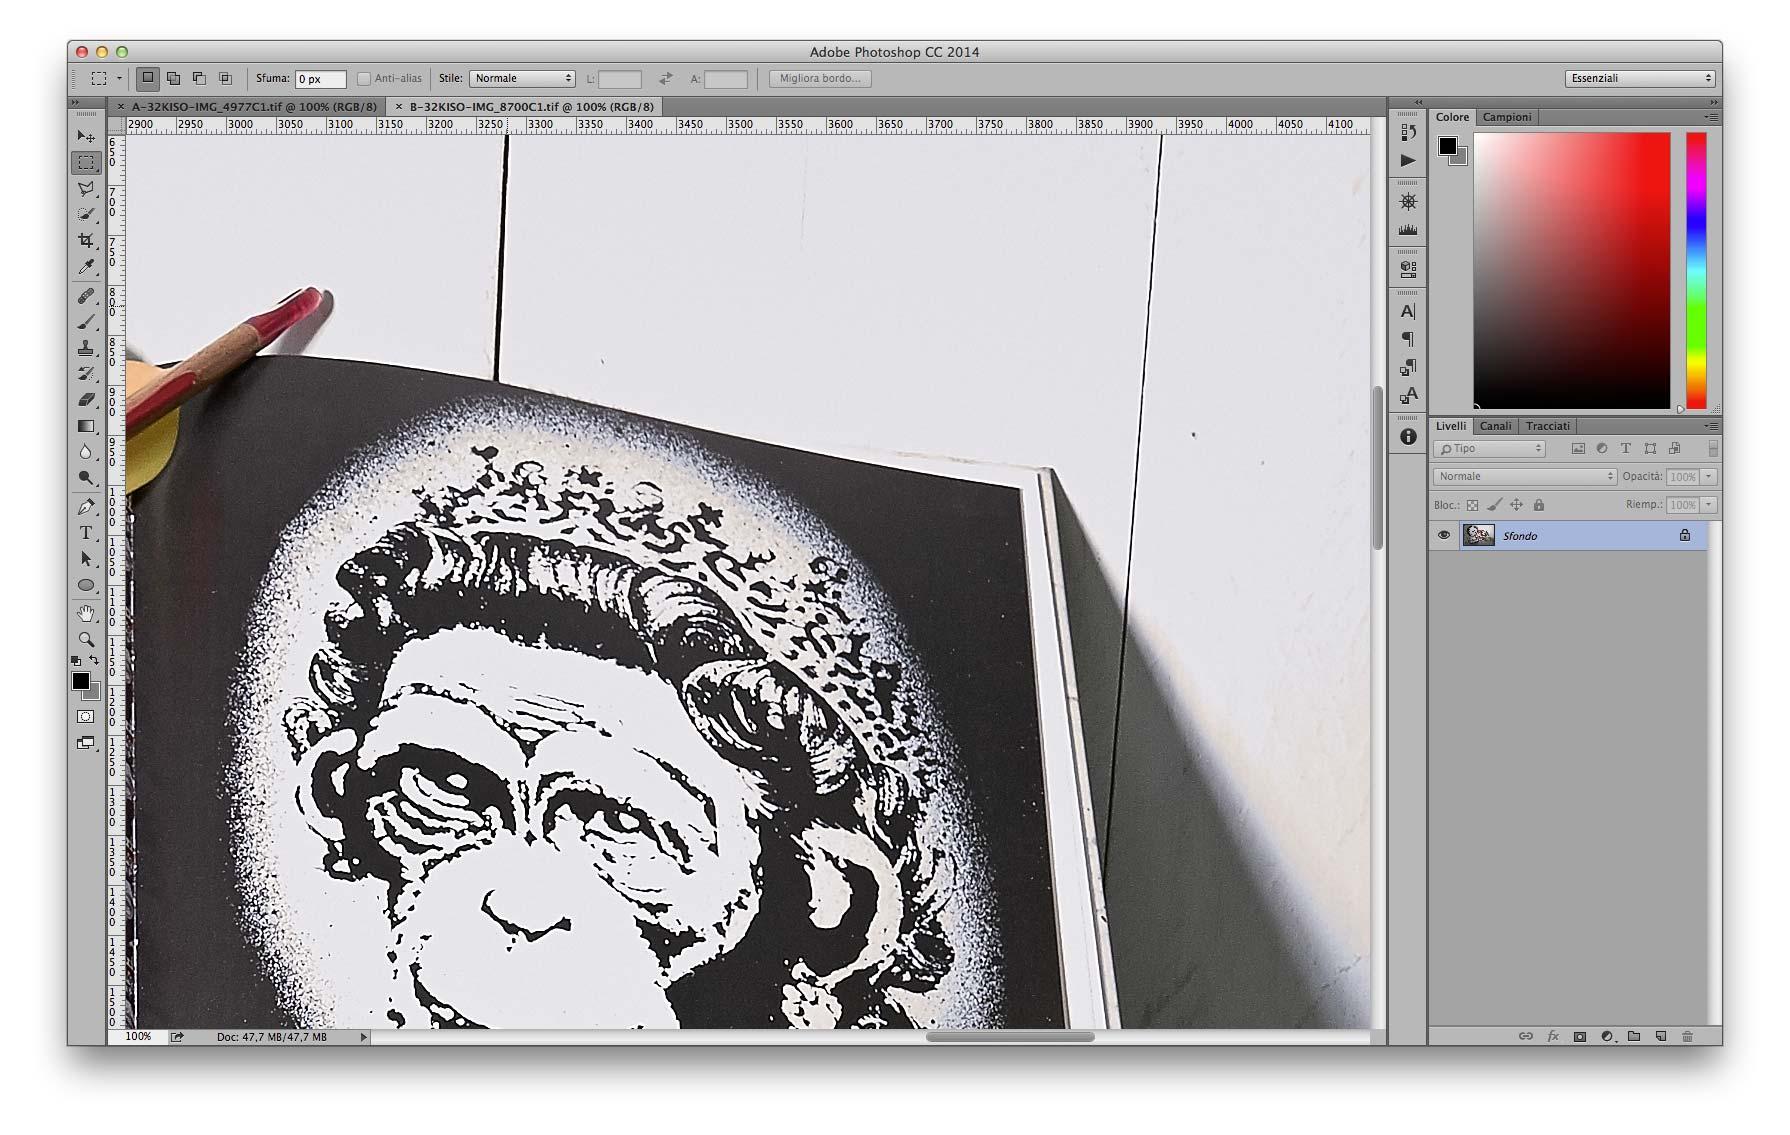 Dettaglio Alte Luci - B 35mm f/11 3200 ISO Recuperati -2EV in sviluppo